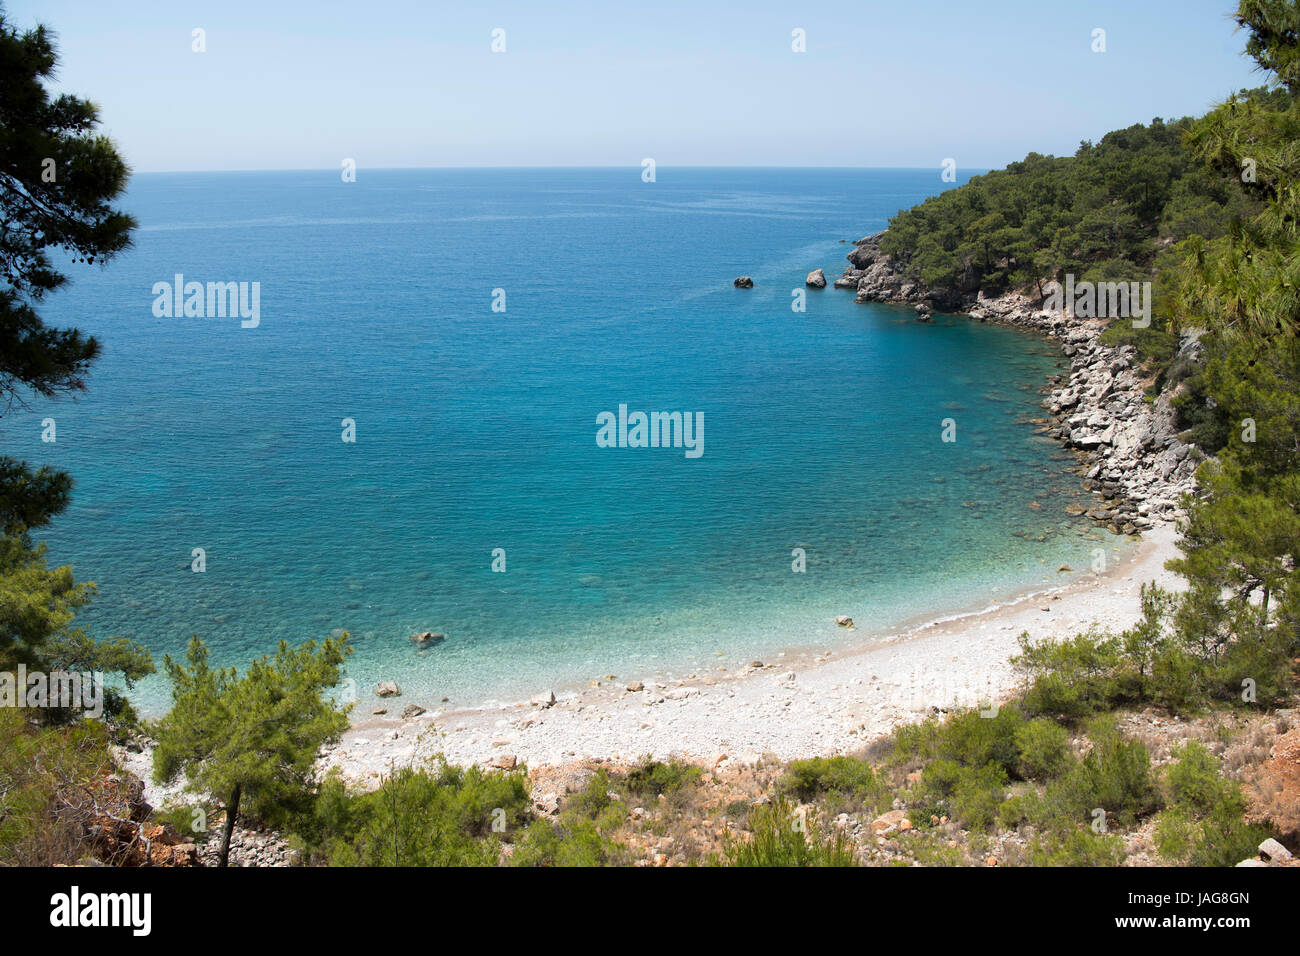 Asien, Türkei, Provinz Antalya, Küste bei Karaöz südlich von Kumluca - Stock Image